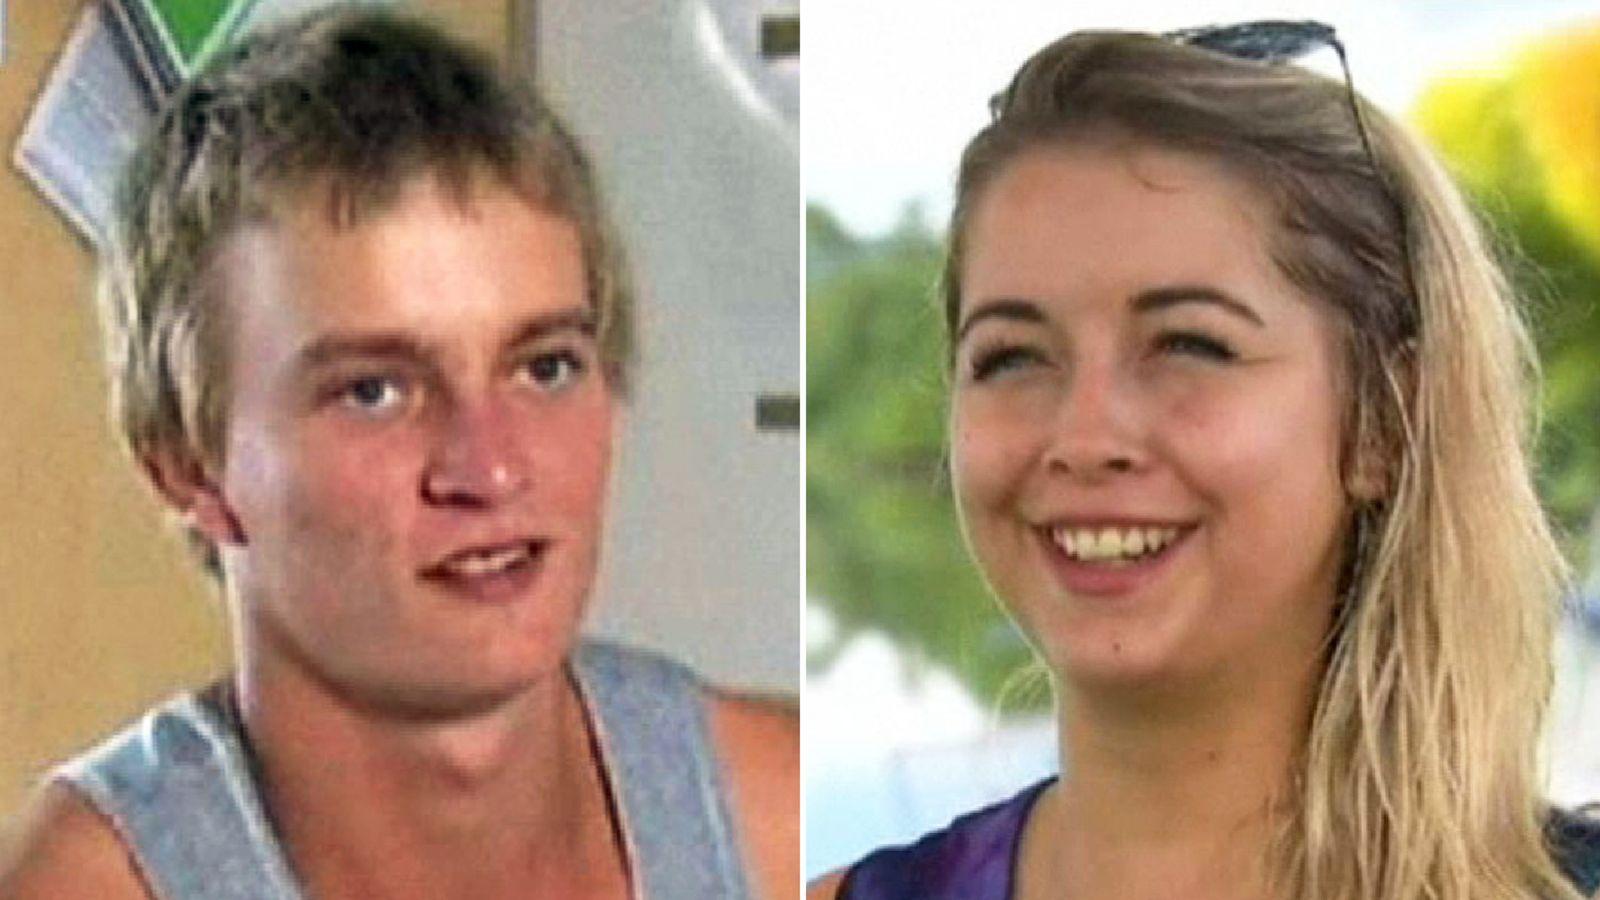 Lee de Paauw and Sophie Paterson. Pic: 9News.com.au